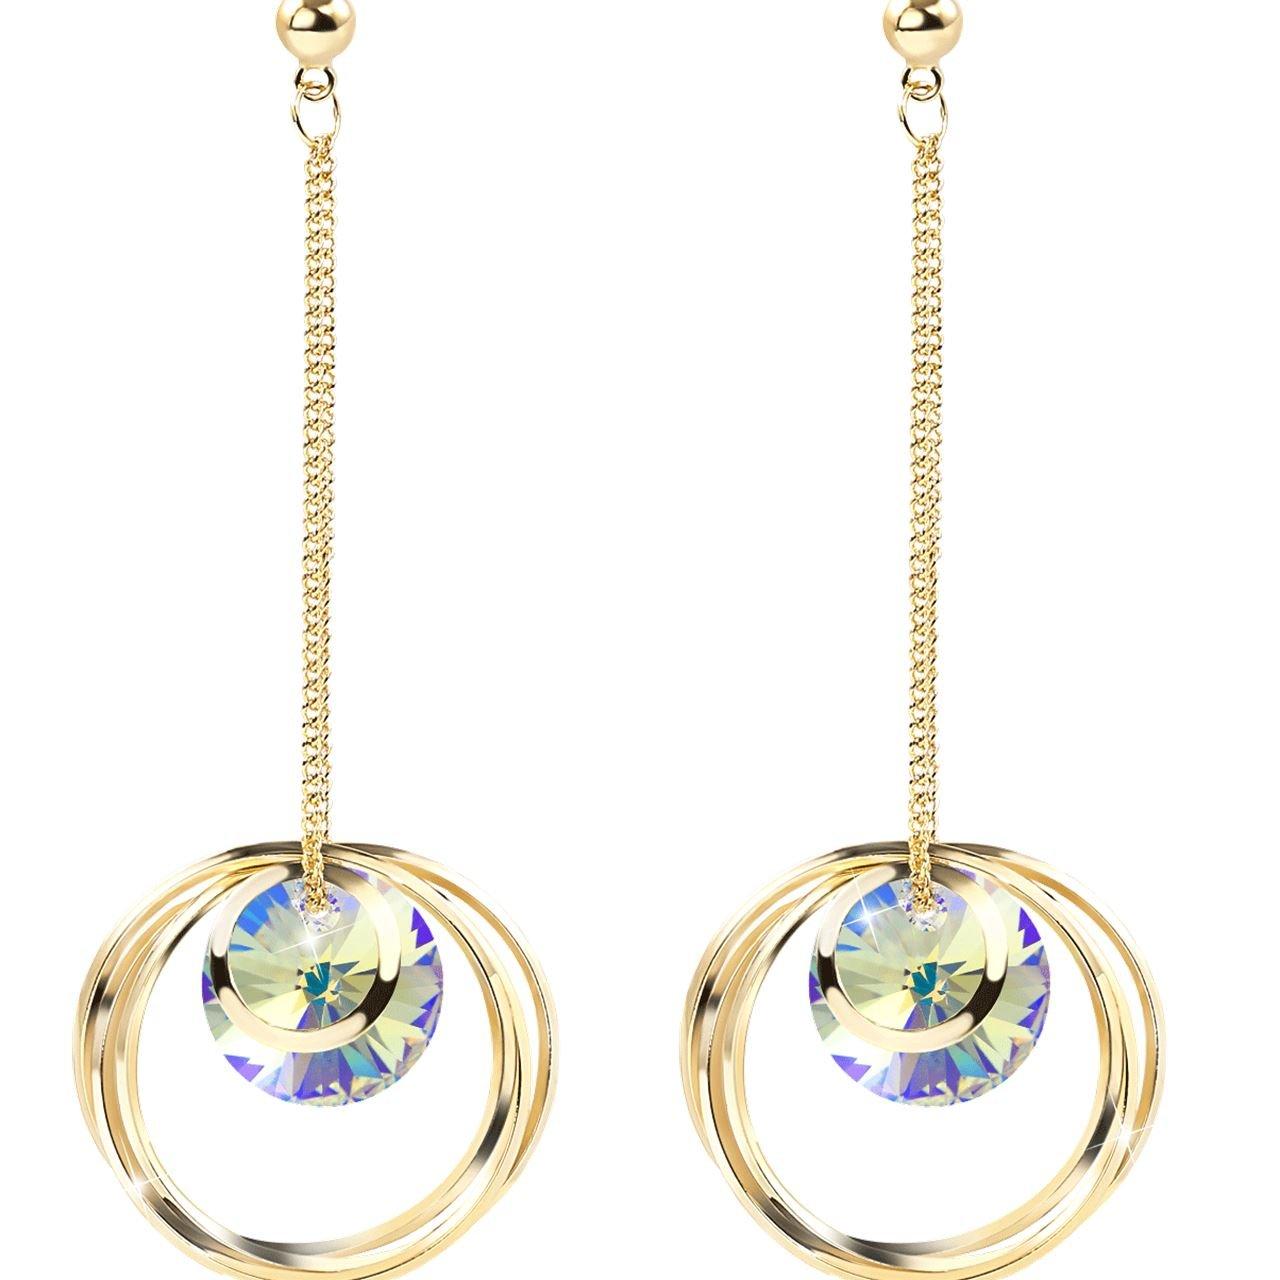 925 Sterling Silver Crystal Drop Earrings Circle Dangle Earrings Hypoallergenic Fashion Earrings